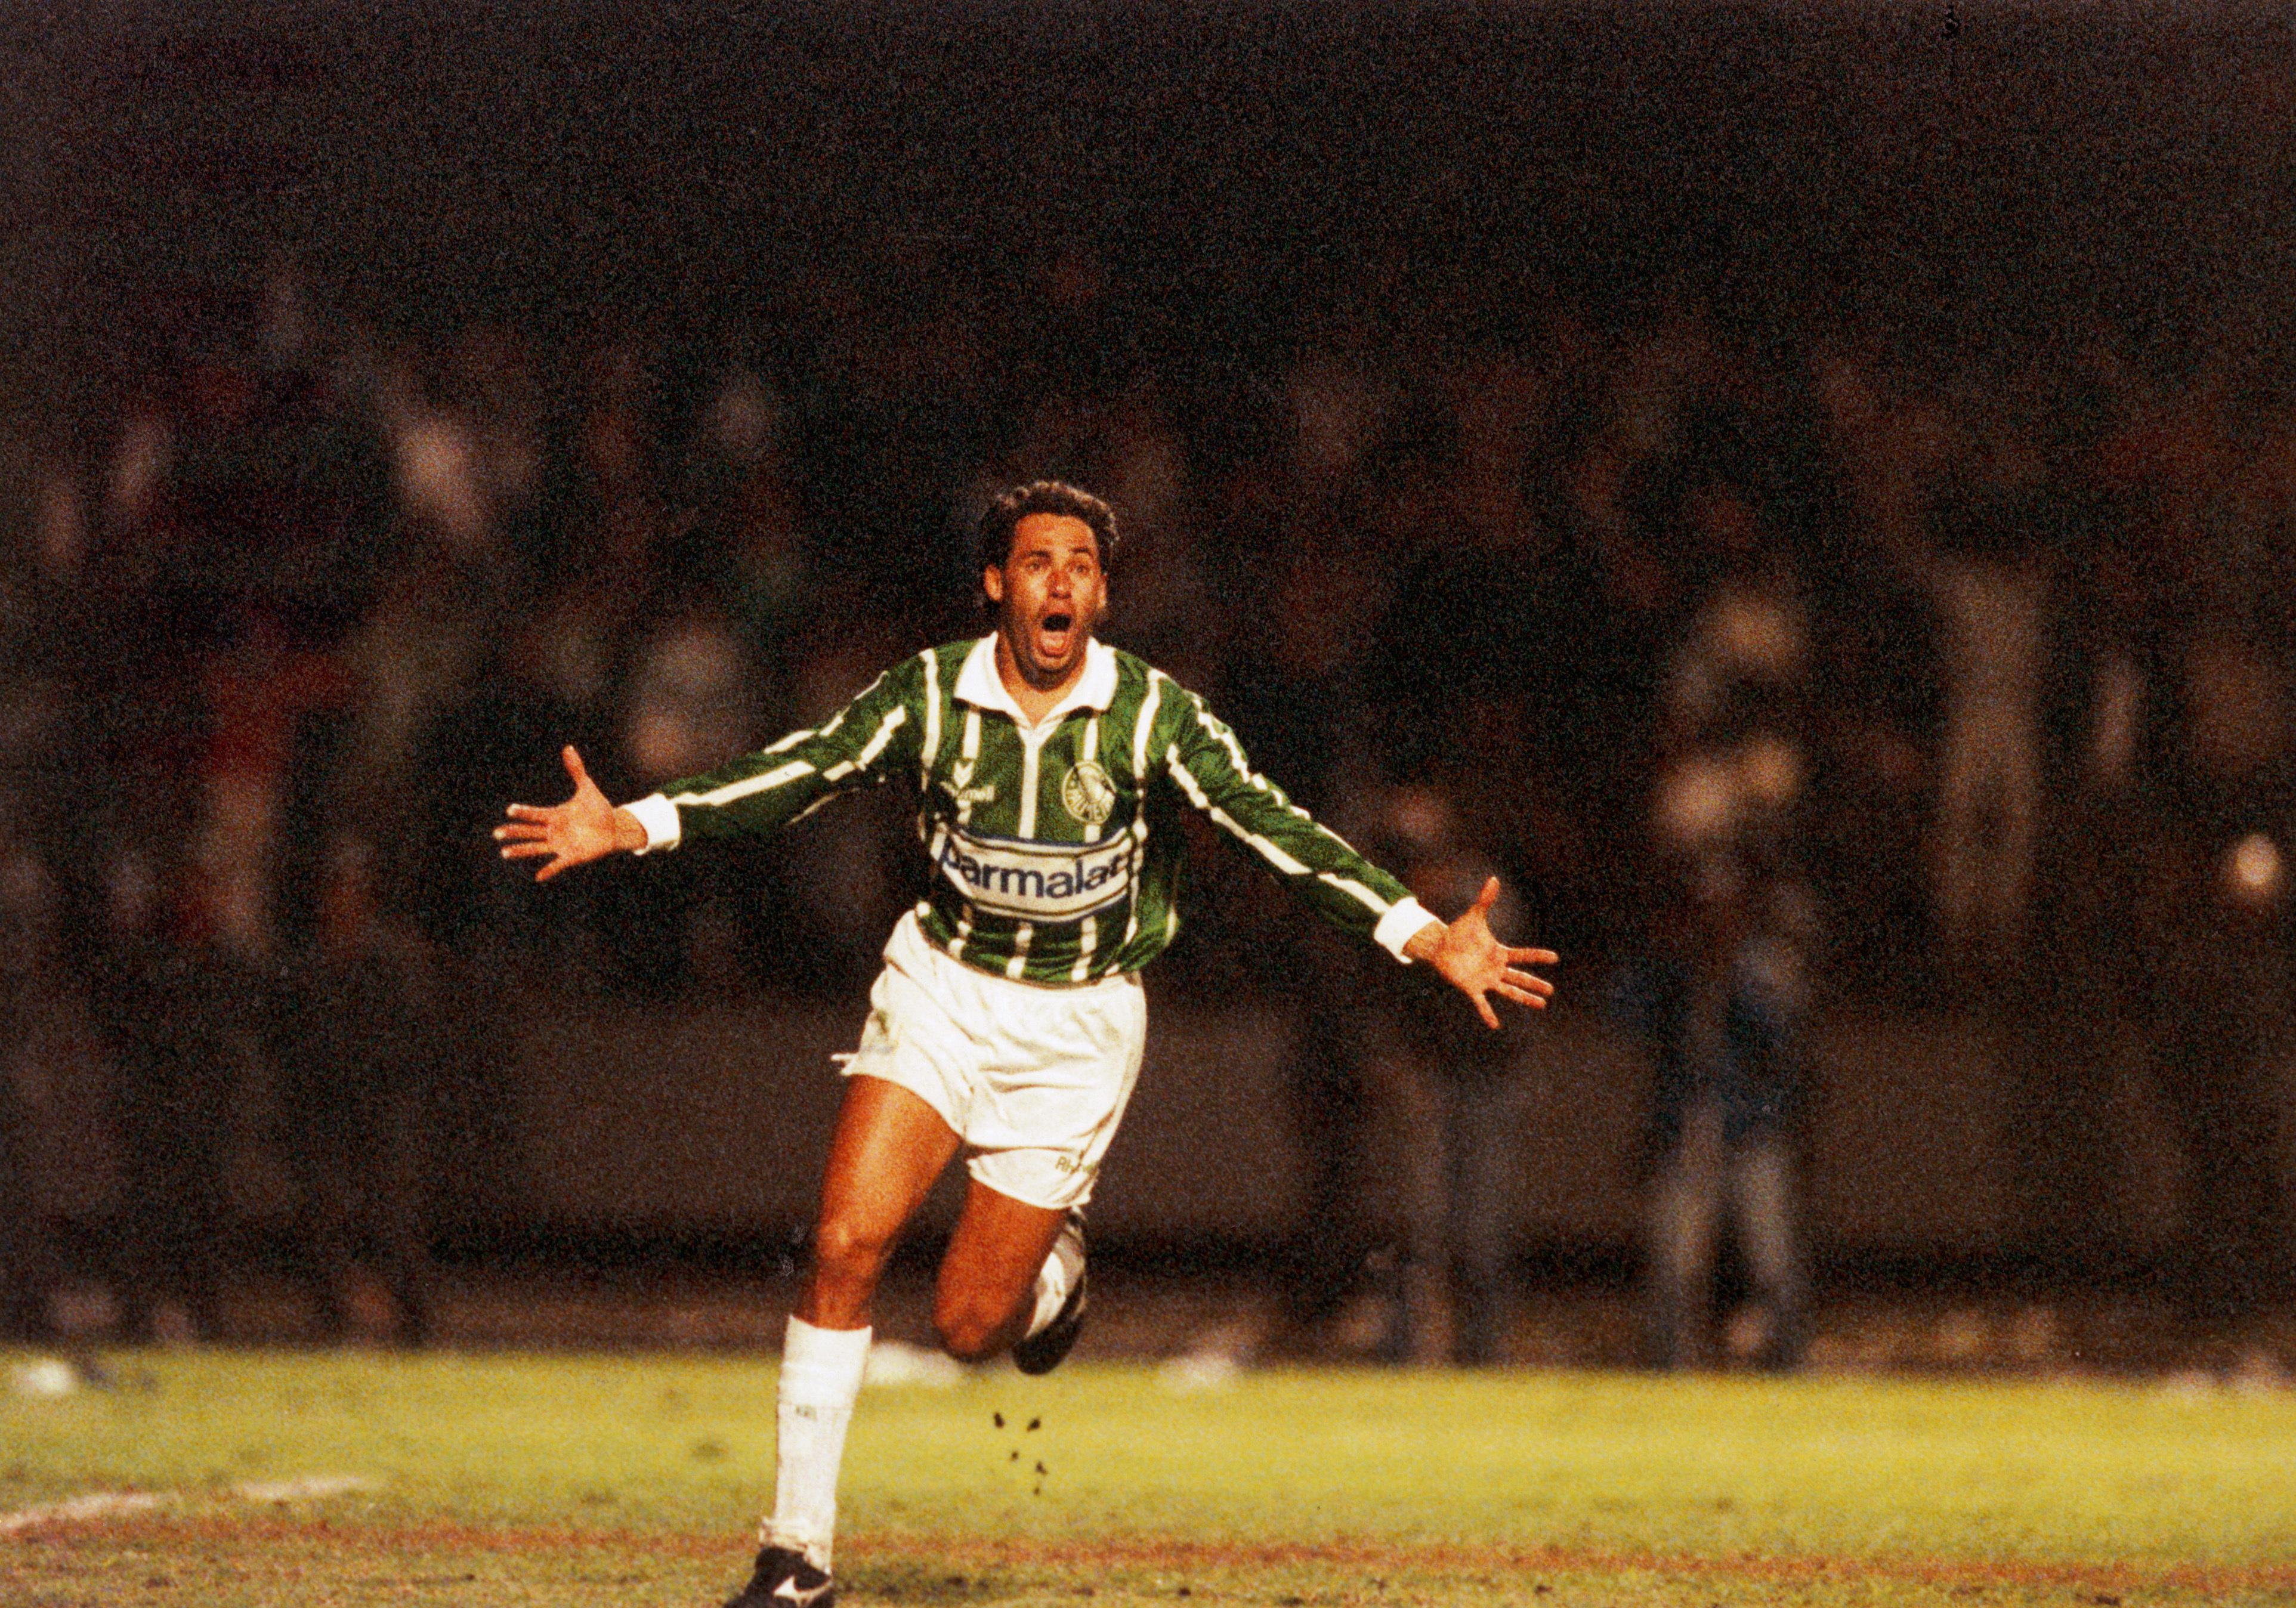 Data da foto: 06/1993 Evair, do Palmeiras, comemorando gol contra o Corinthians, na finalissima do Campeonato Paulista de Futebol.